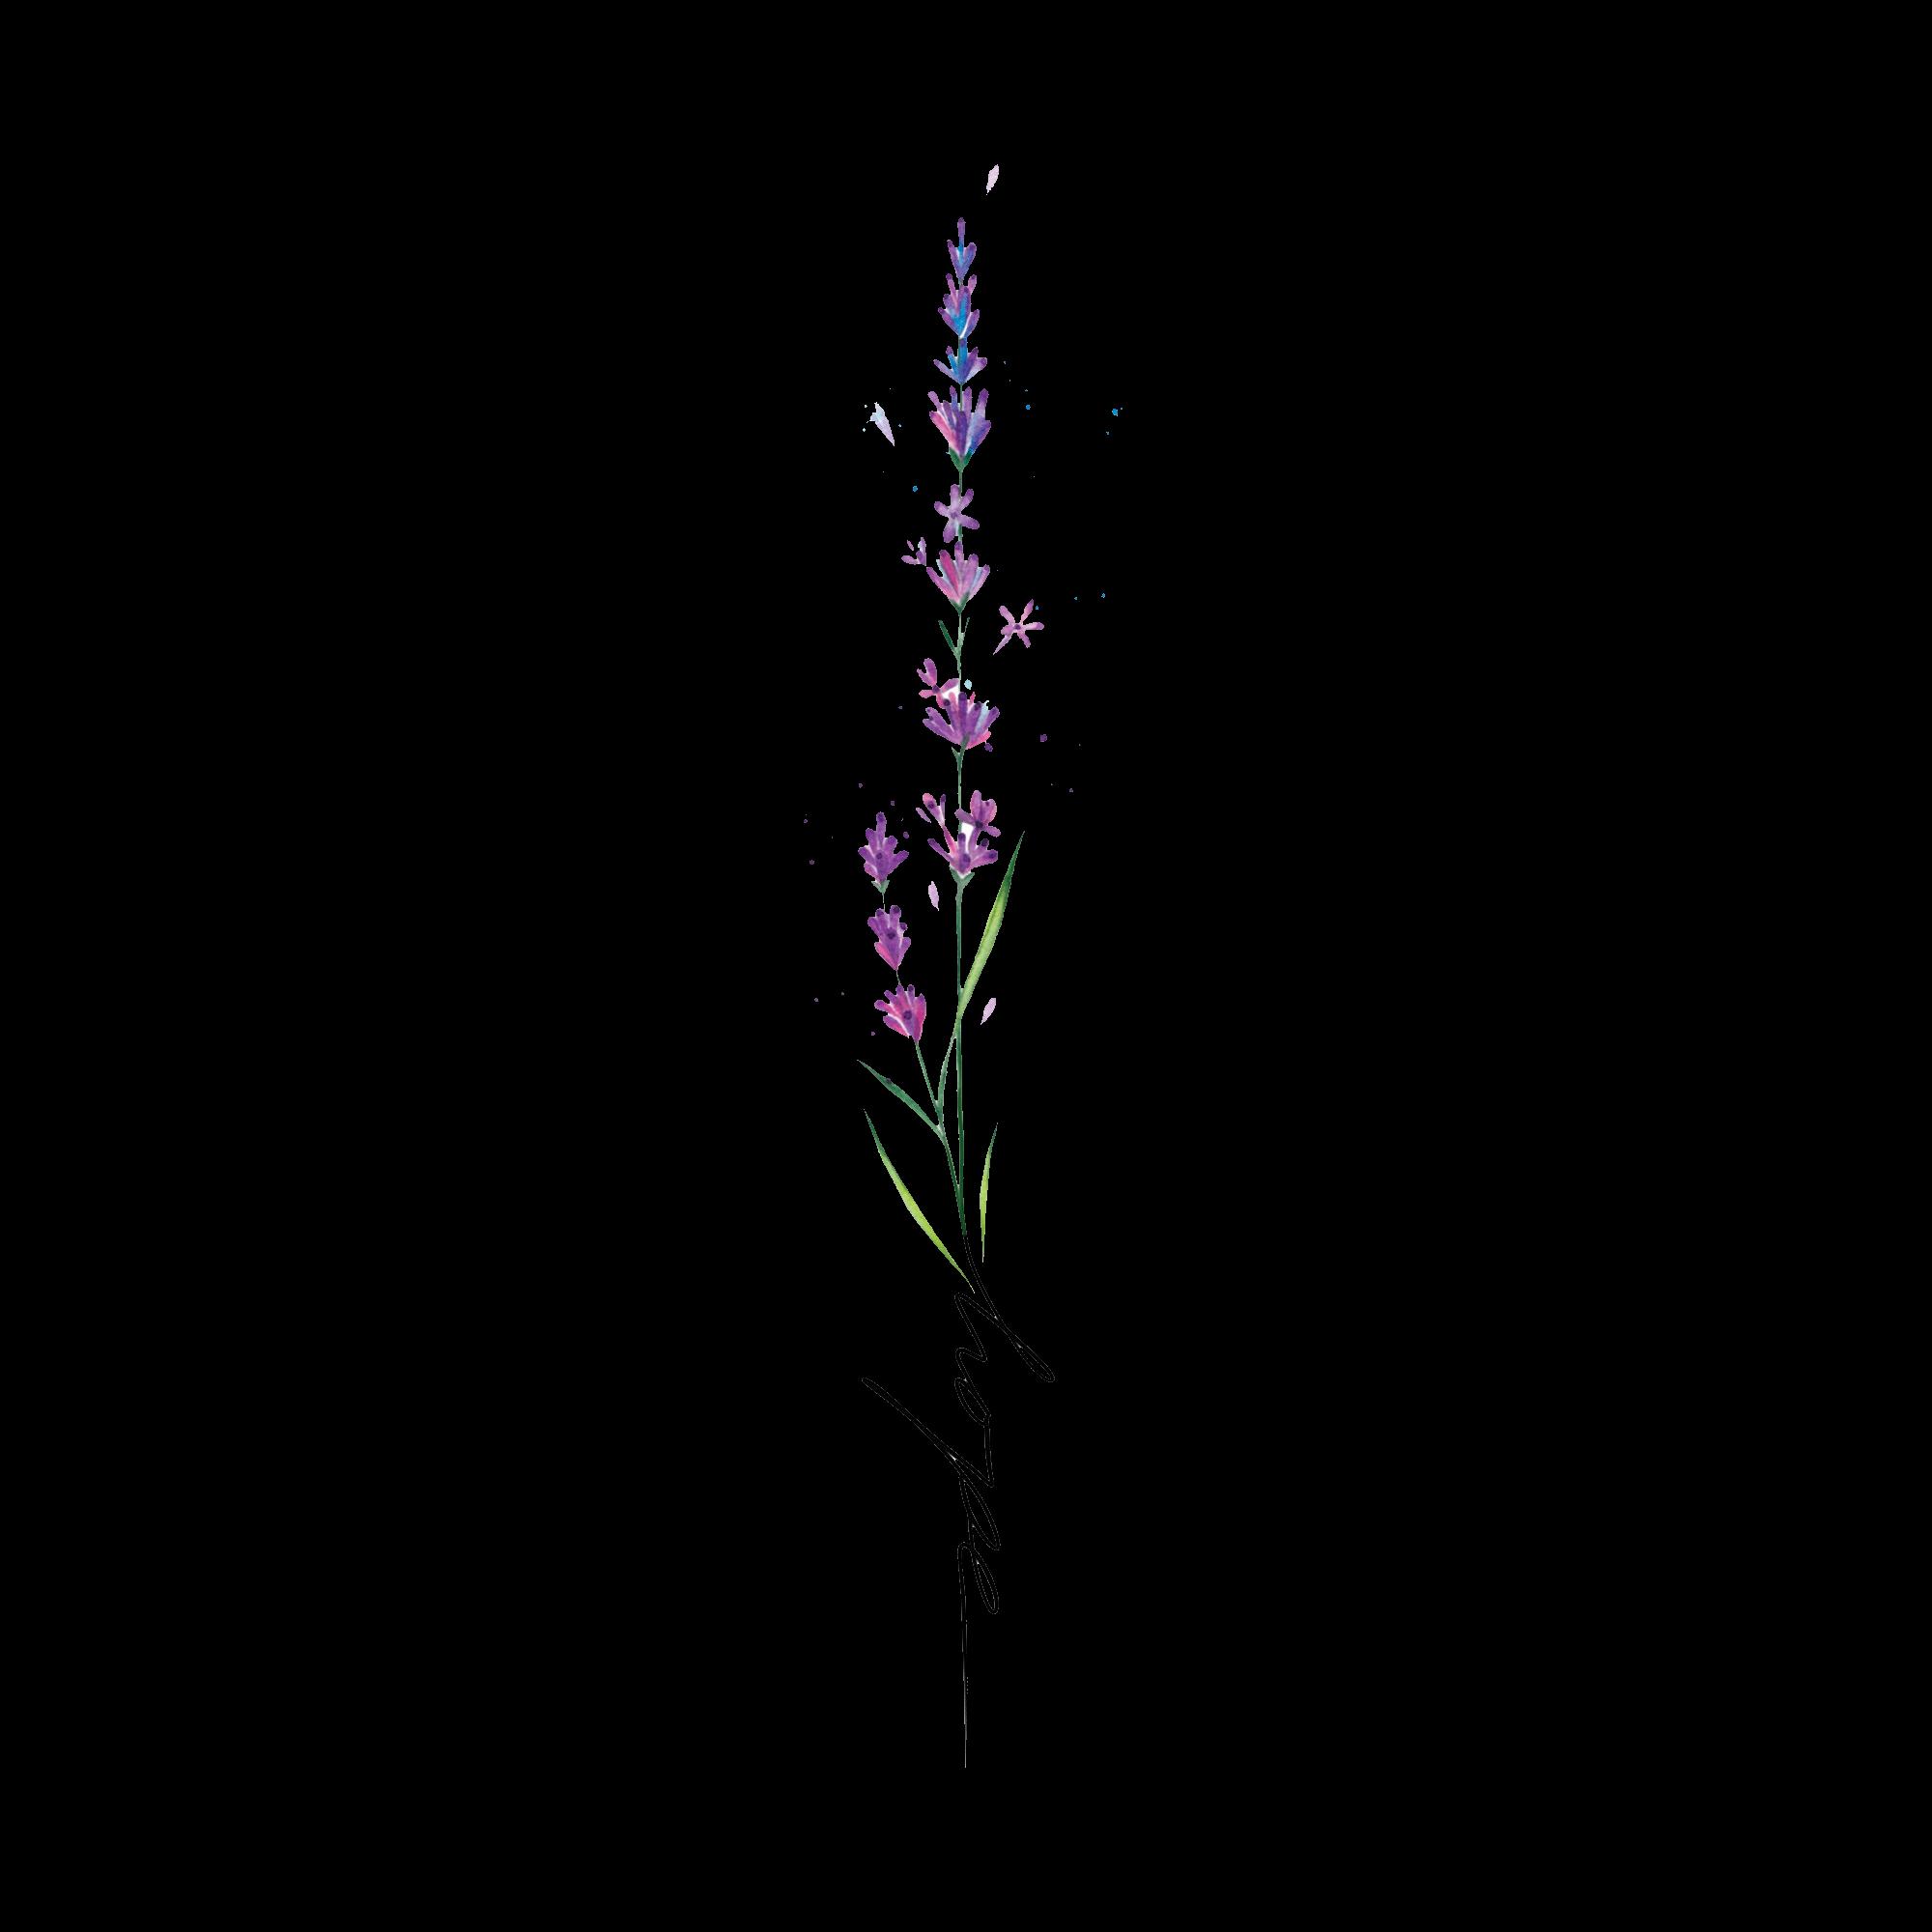 длинный цветок рисунок что